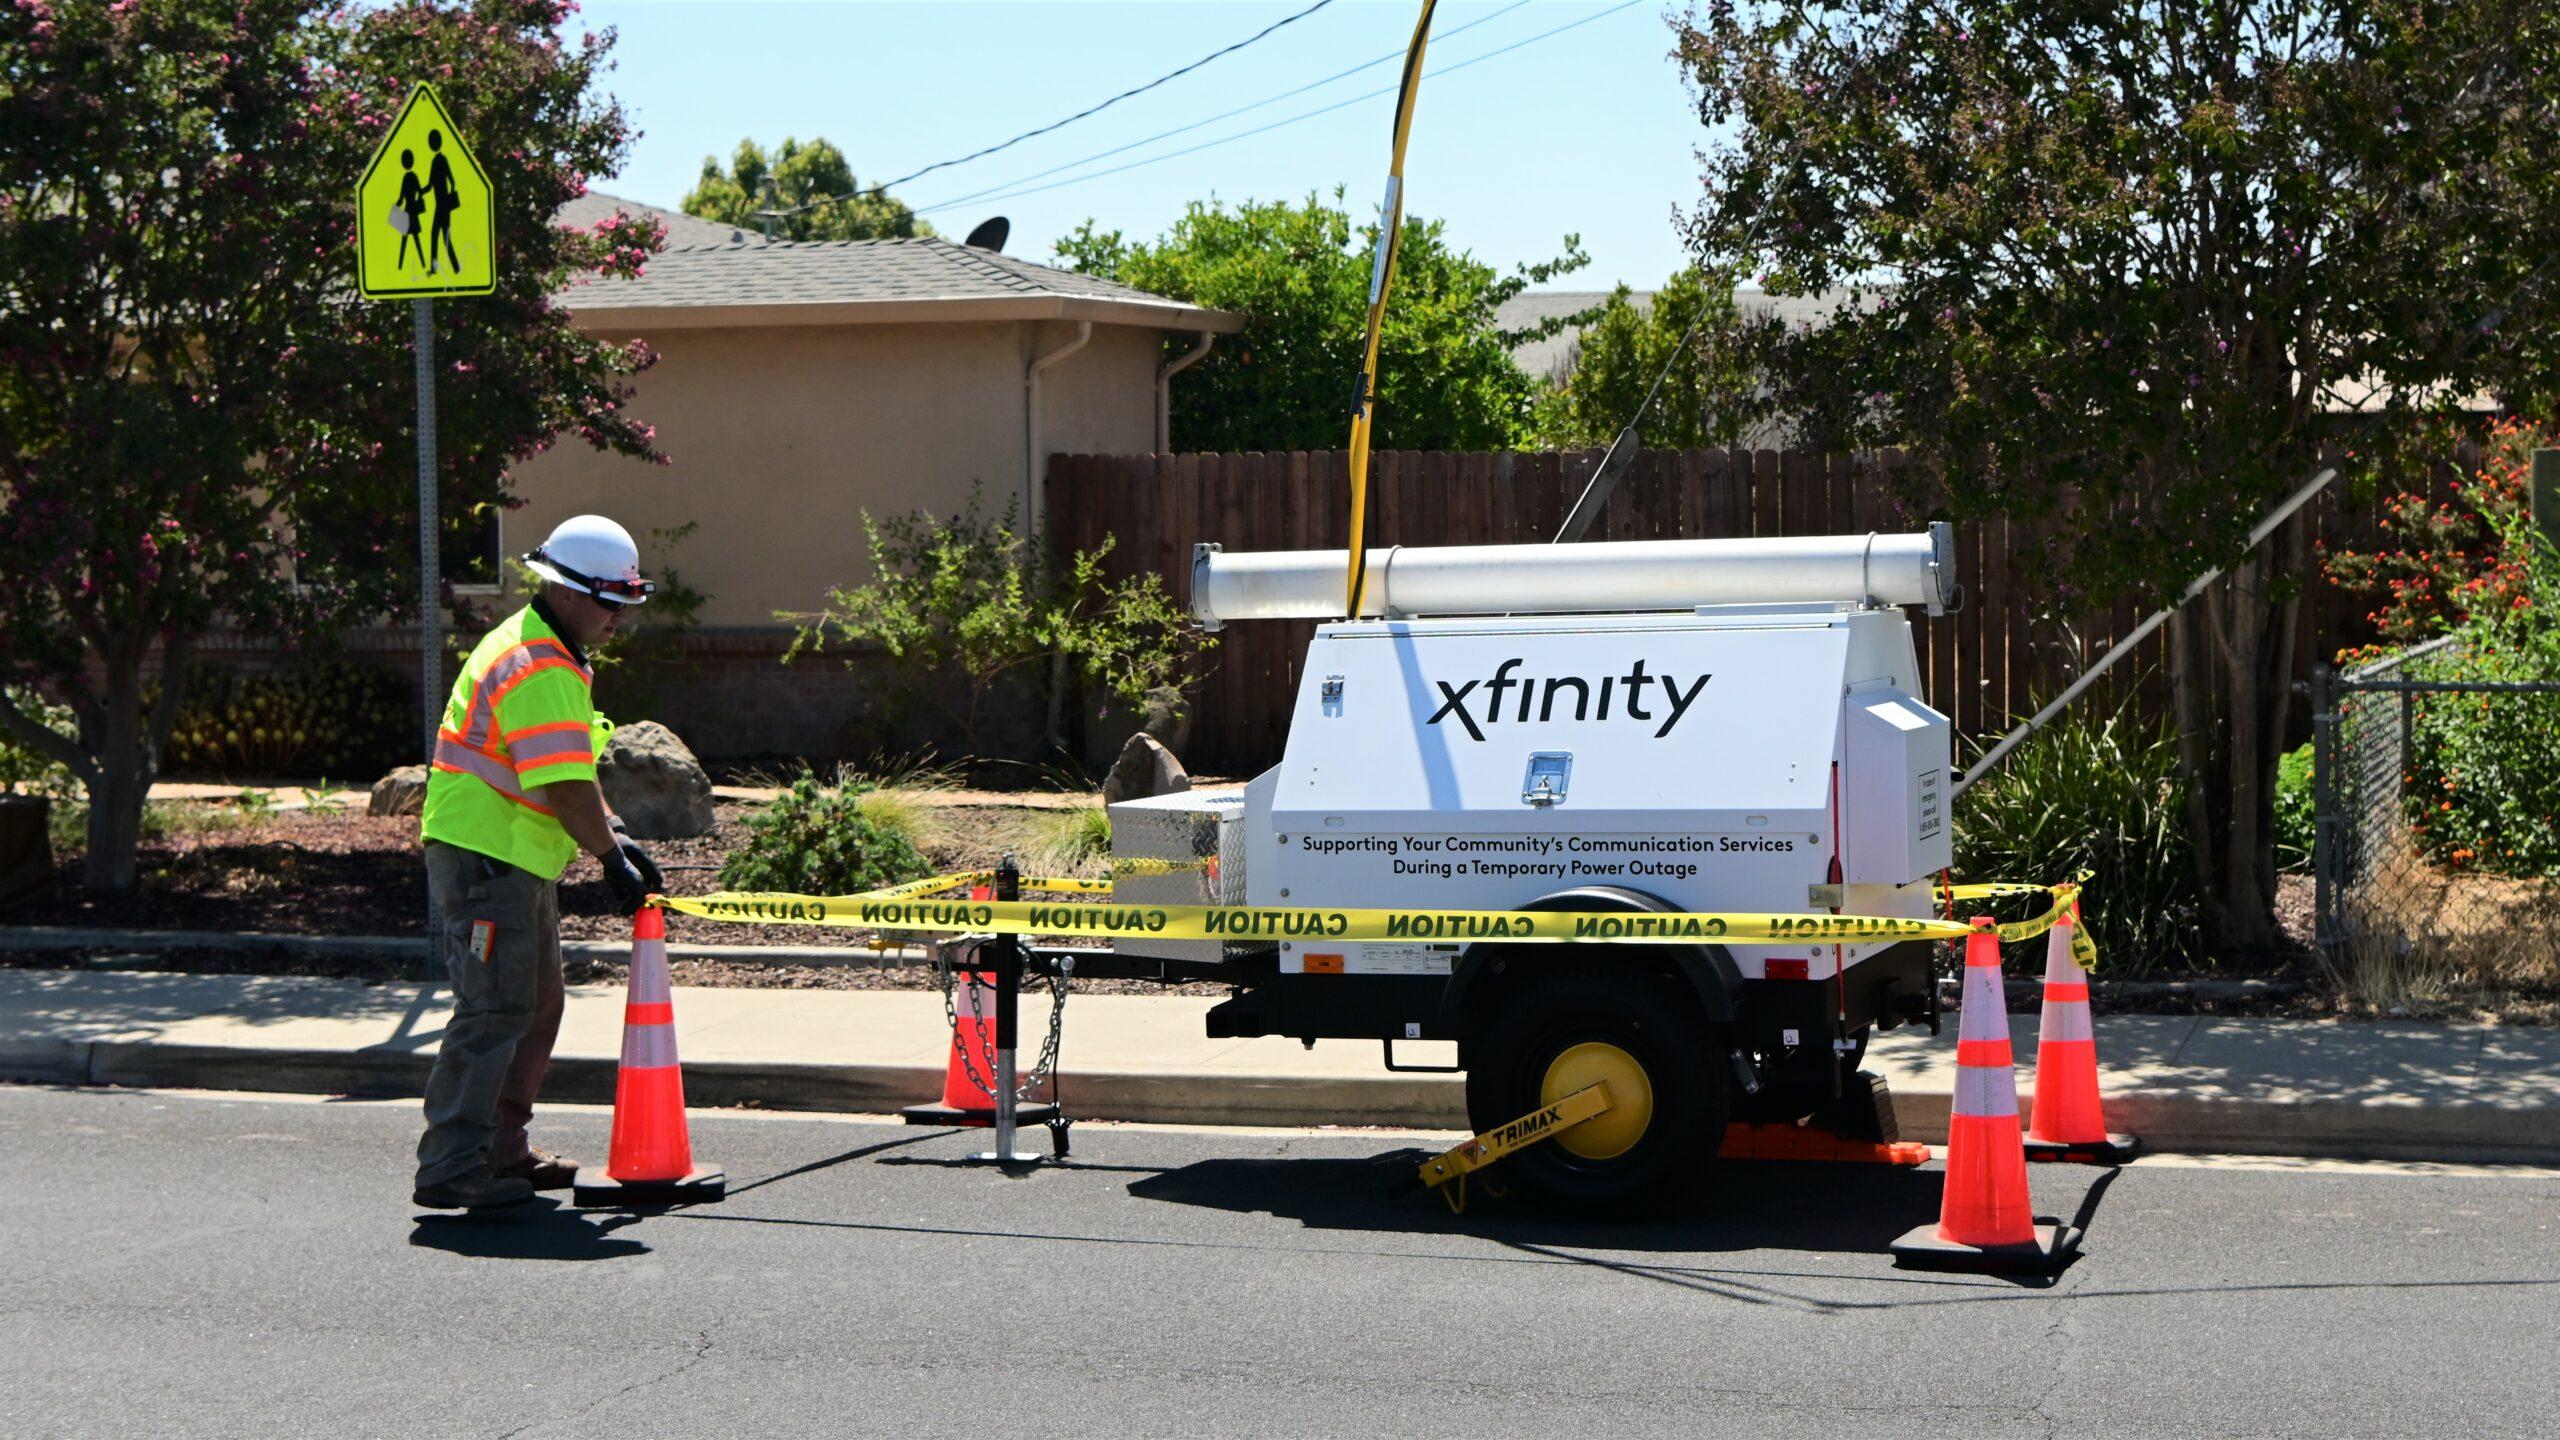 A partir de octubre, Comcast California implementará un nuevo plan para las Interrupciones del Suministro Eléctrico por Motivos de Seguridad Pública